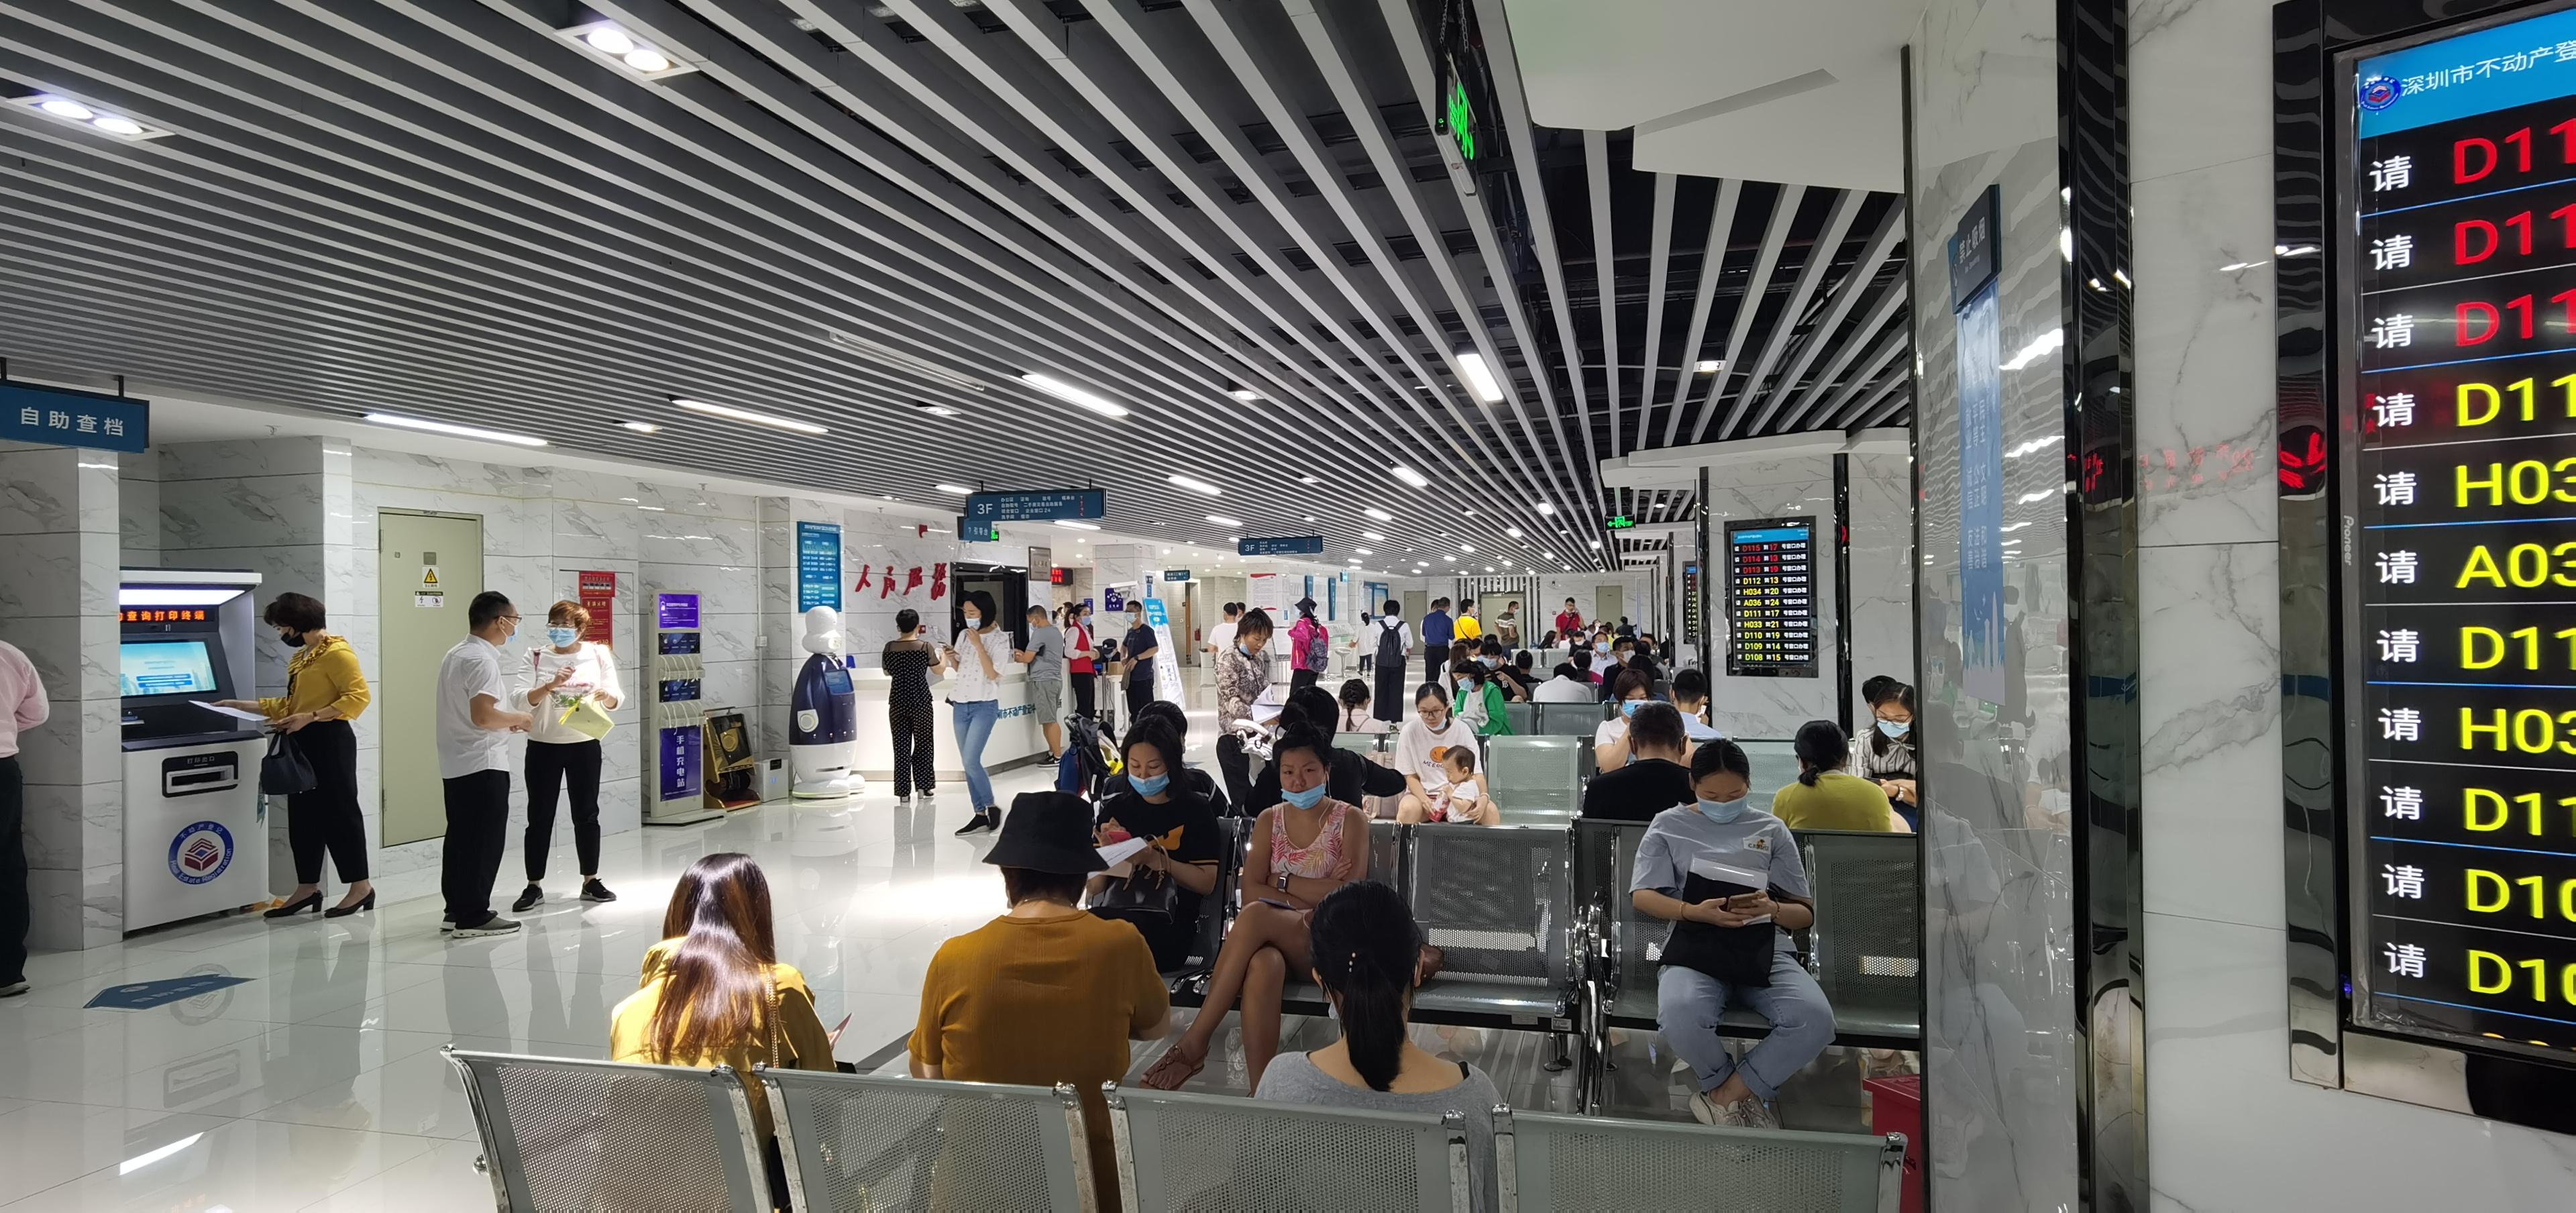 《深圳买房定制方案》服务介绍 · 好房会插图19